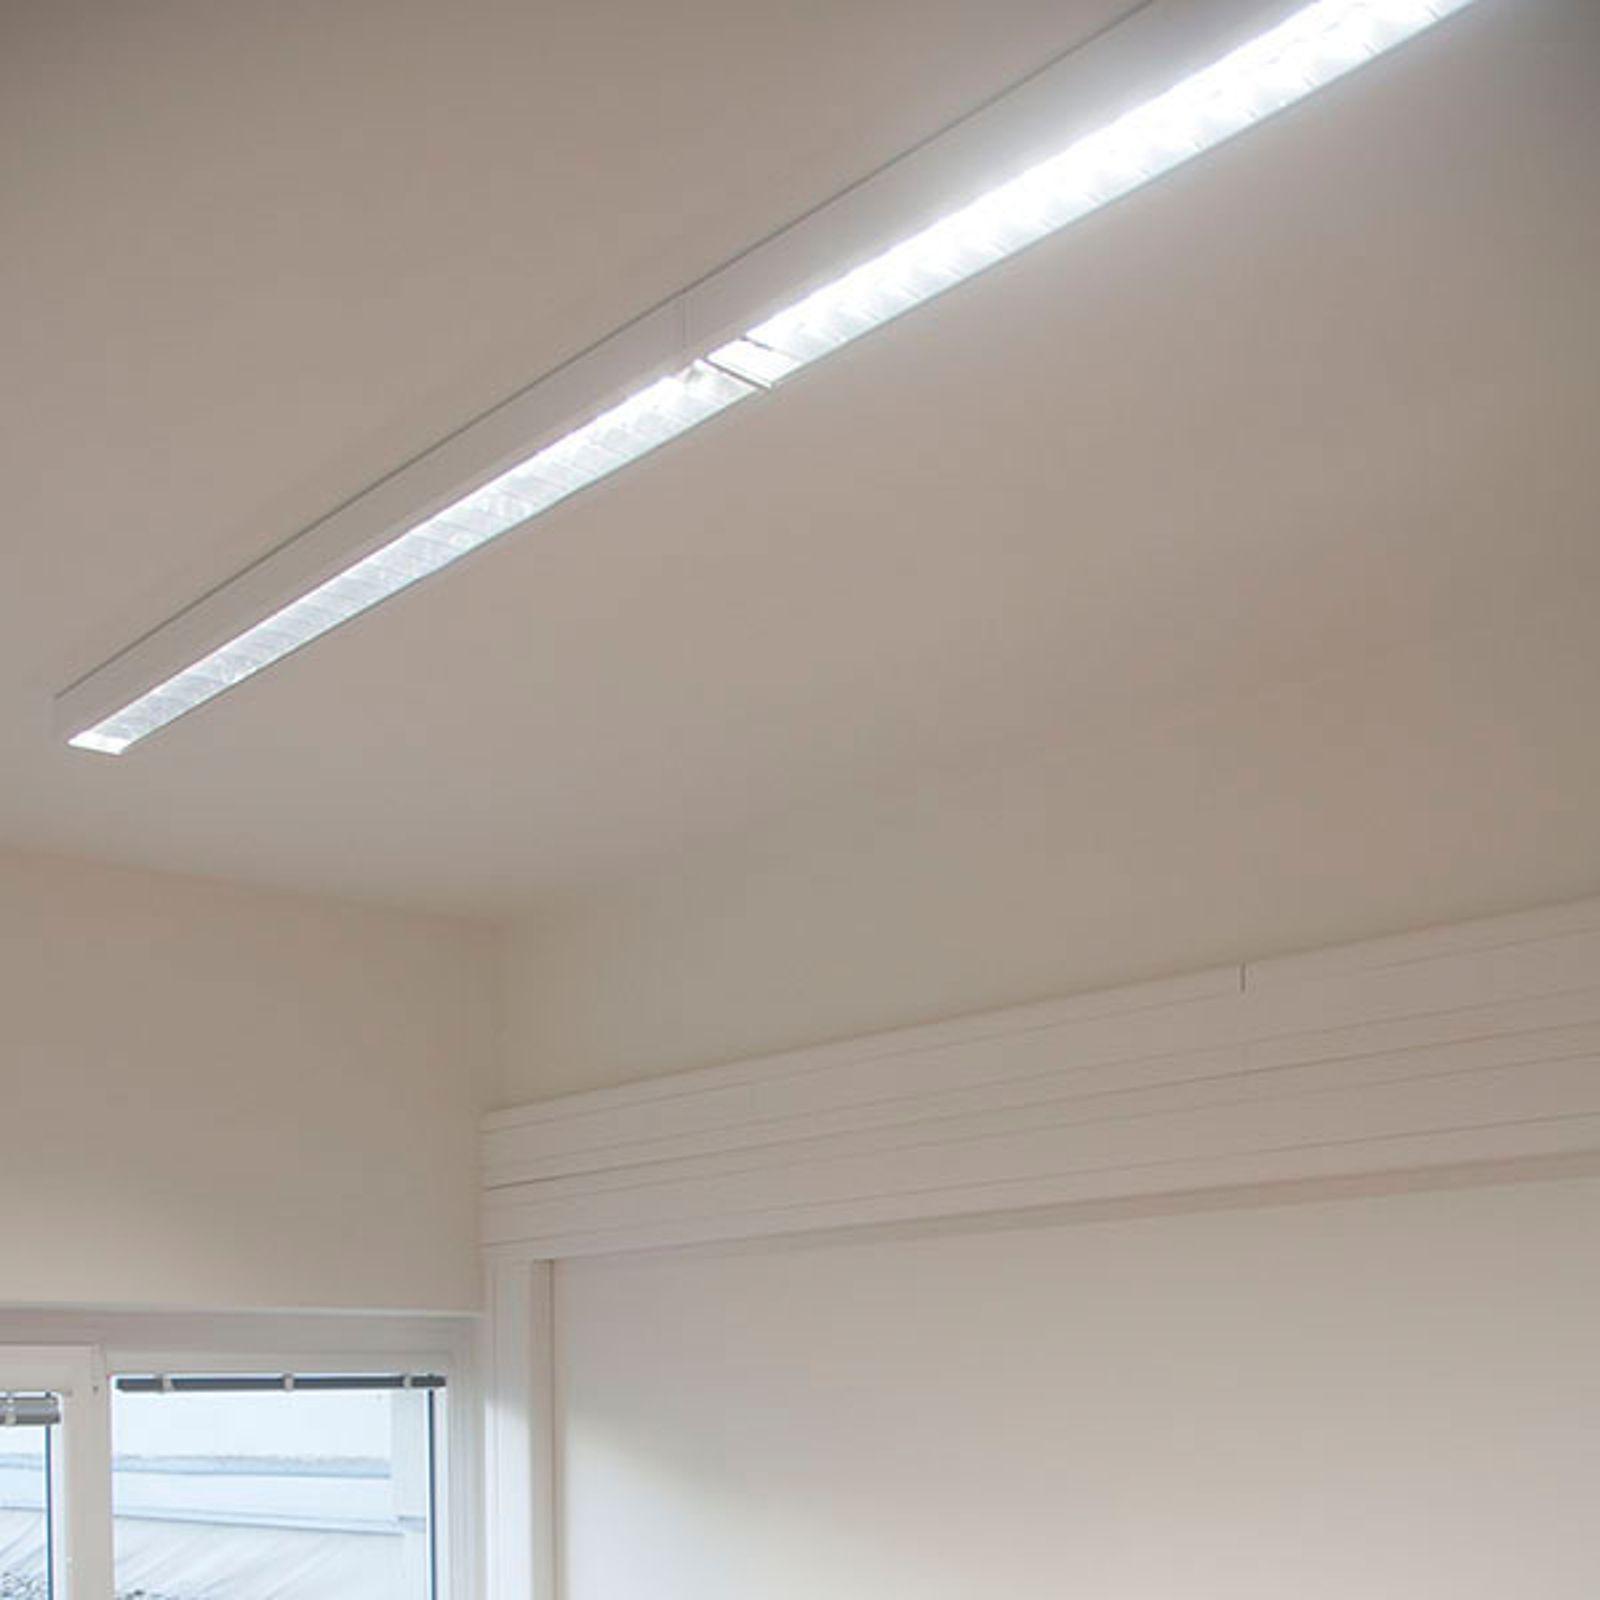 Die aus weißem Stahlblech gefertigte LED-Deckenleuchte cubus ist mit einem reflexionsverstärkenden Aluminium-Parabolraster ausgestattet. Sie eignet sich zur blendfreien Bürobeleuchtung - auch über Bildschirm-Arbeitsplätzen. - Lichtaustritt: 100 % direkt - Entblendung: UGR ≤ 19 und Leuchtdichte L65 - Lebensdauer: 50.000 h L80/B10 - Stoßfestigkeit: IK03 - inklusive nicht dimmbarem, elektronischem Treiber - Anschluss: dreipolige Anschlussklemme mit Steckkontakten Energieeffizienzklasse: A++